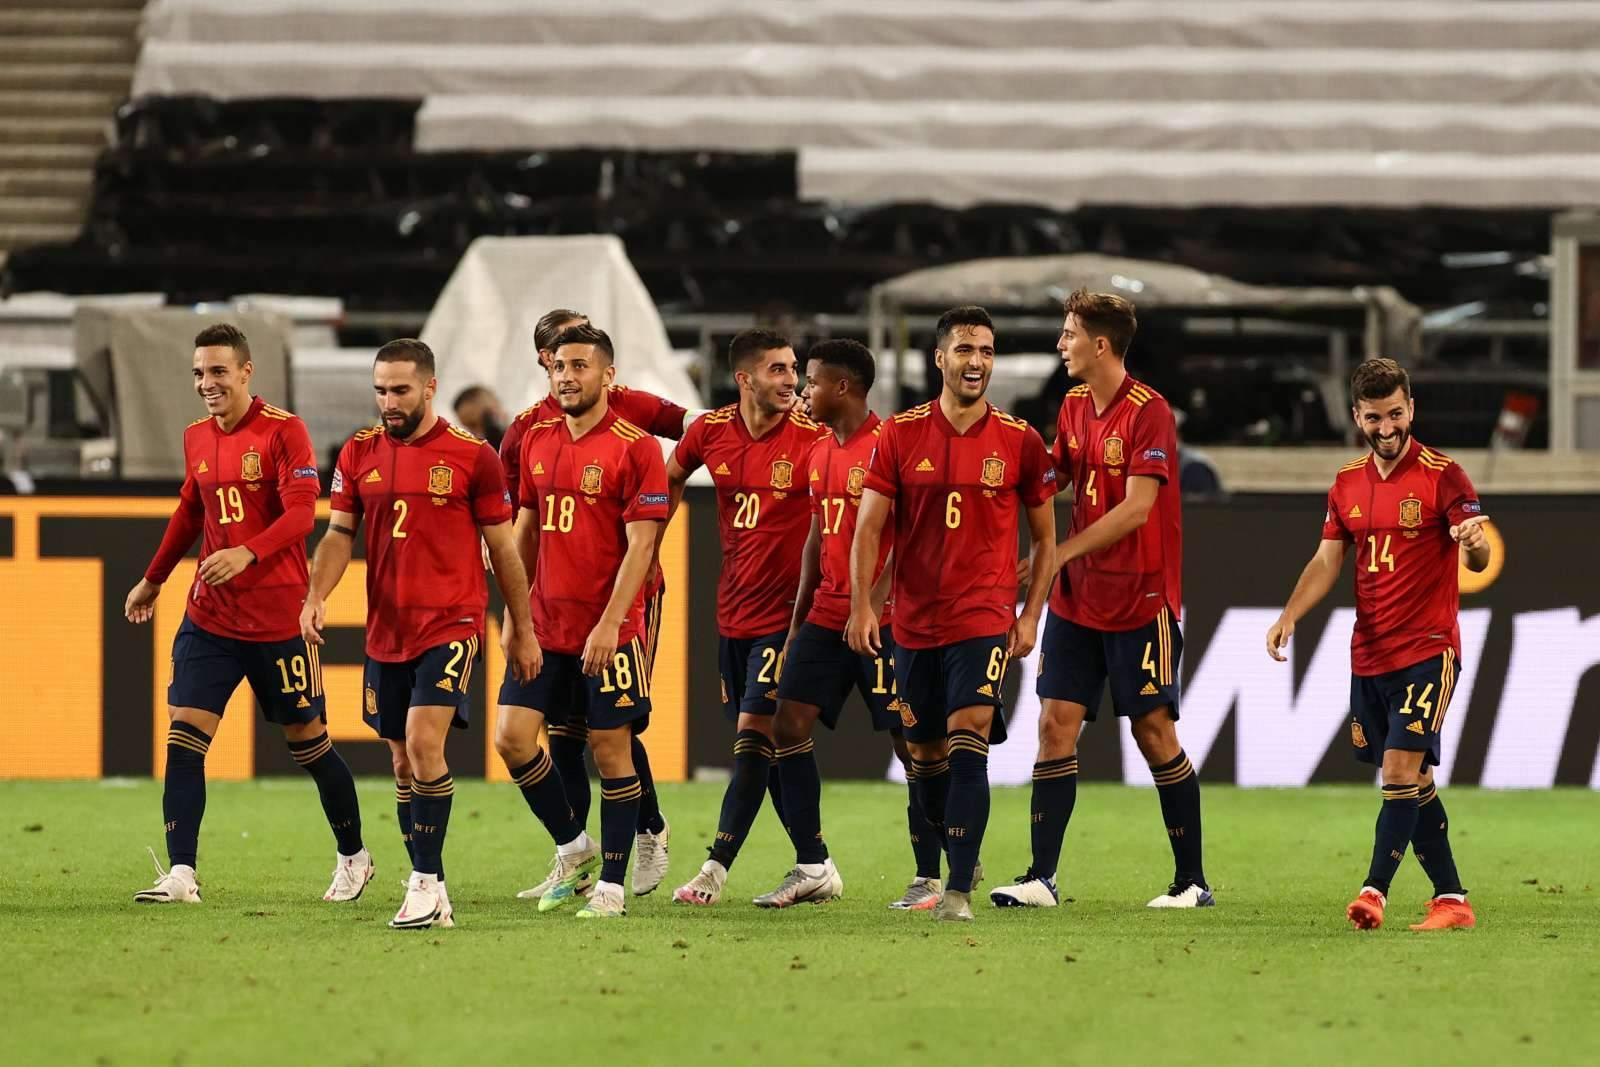 Испания уничтожила Словакию и вышла в плей-офф